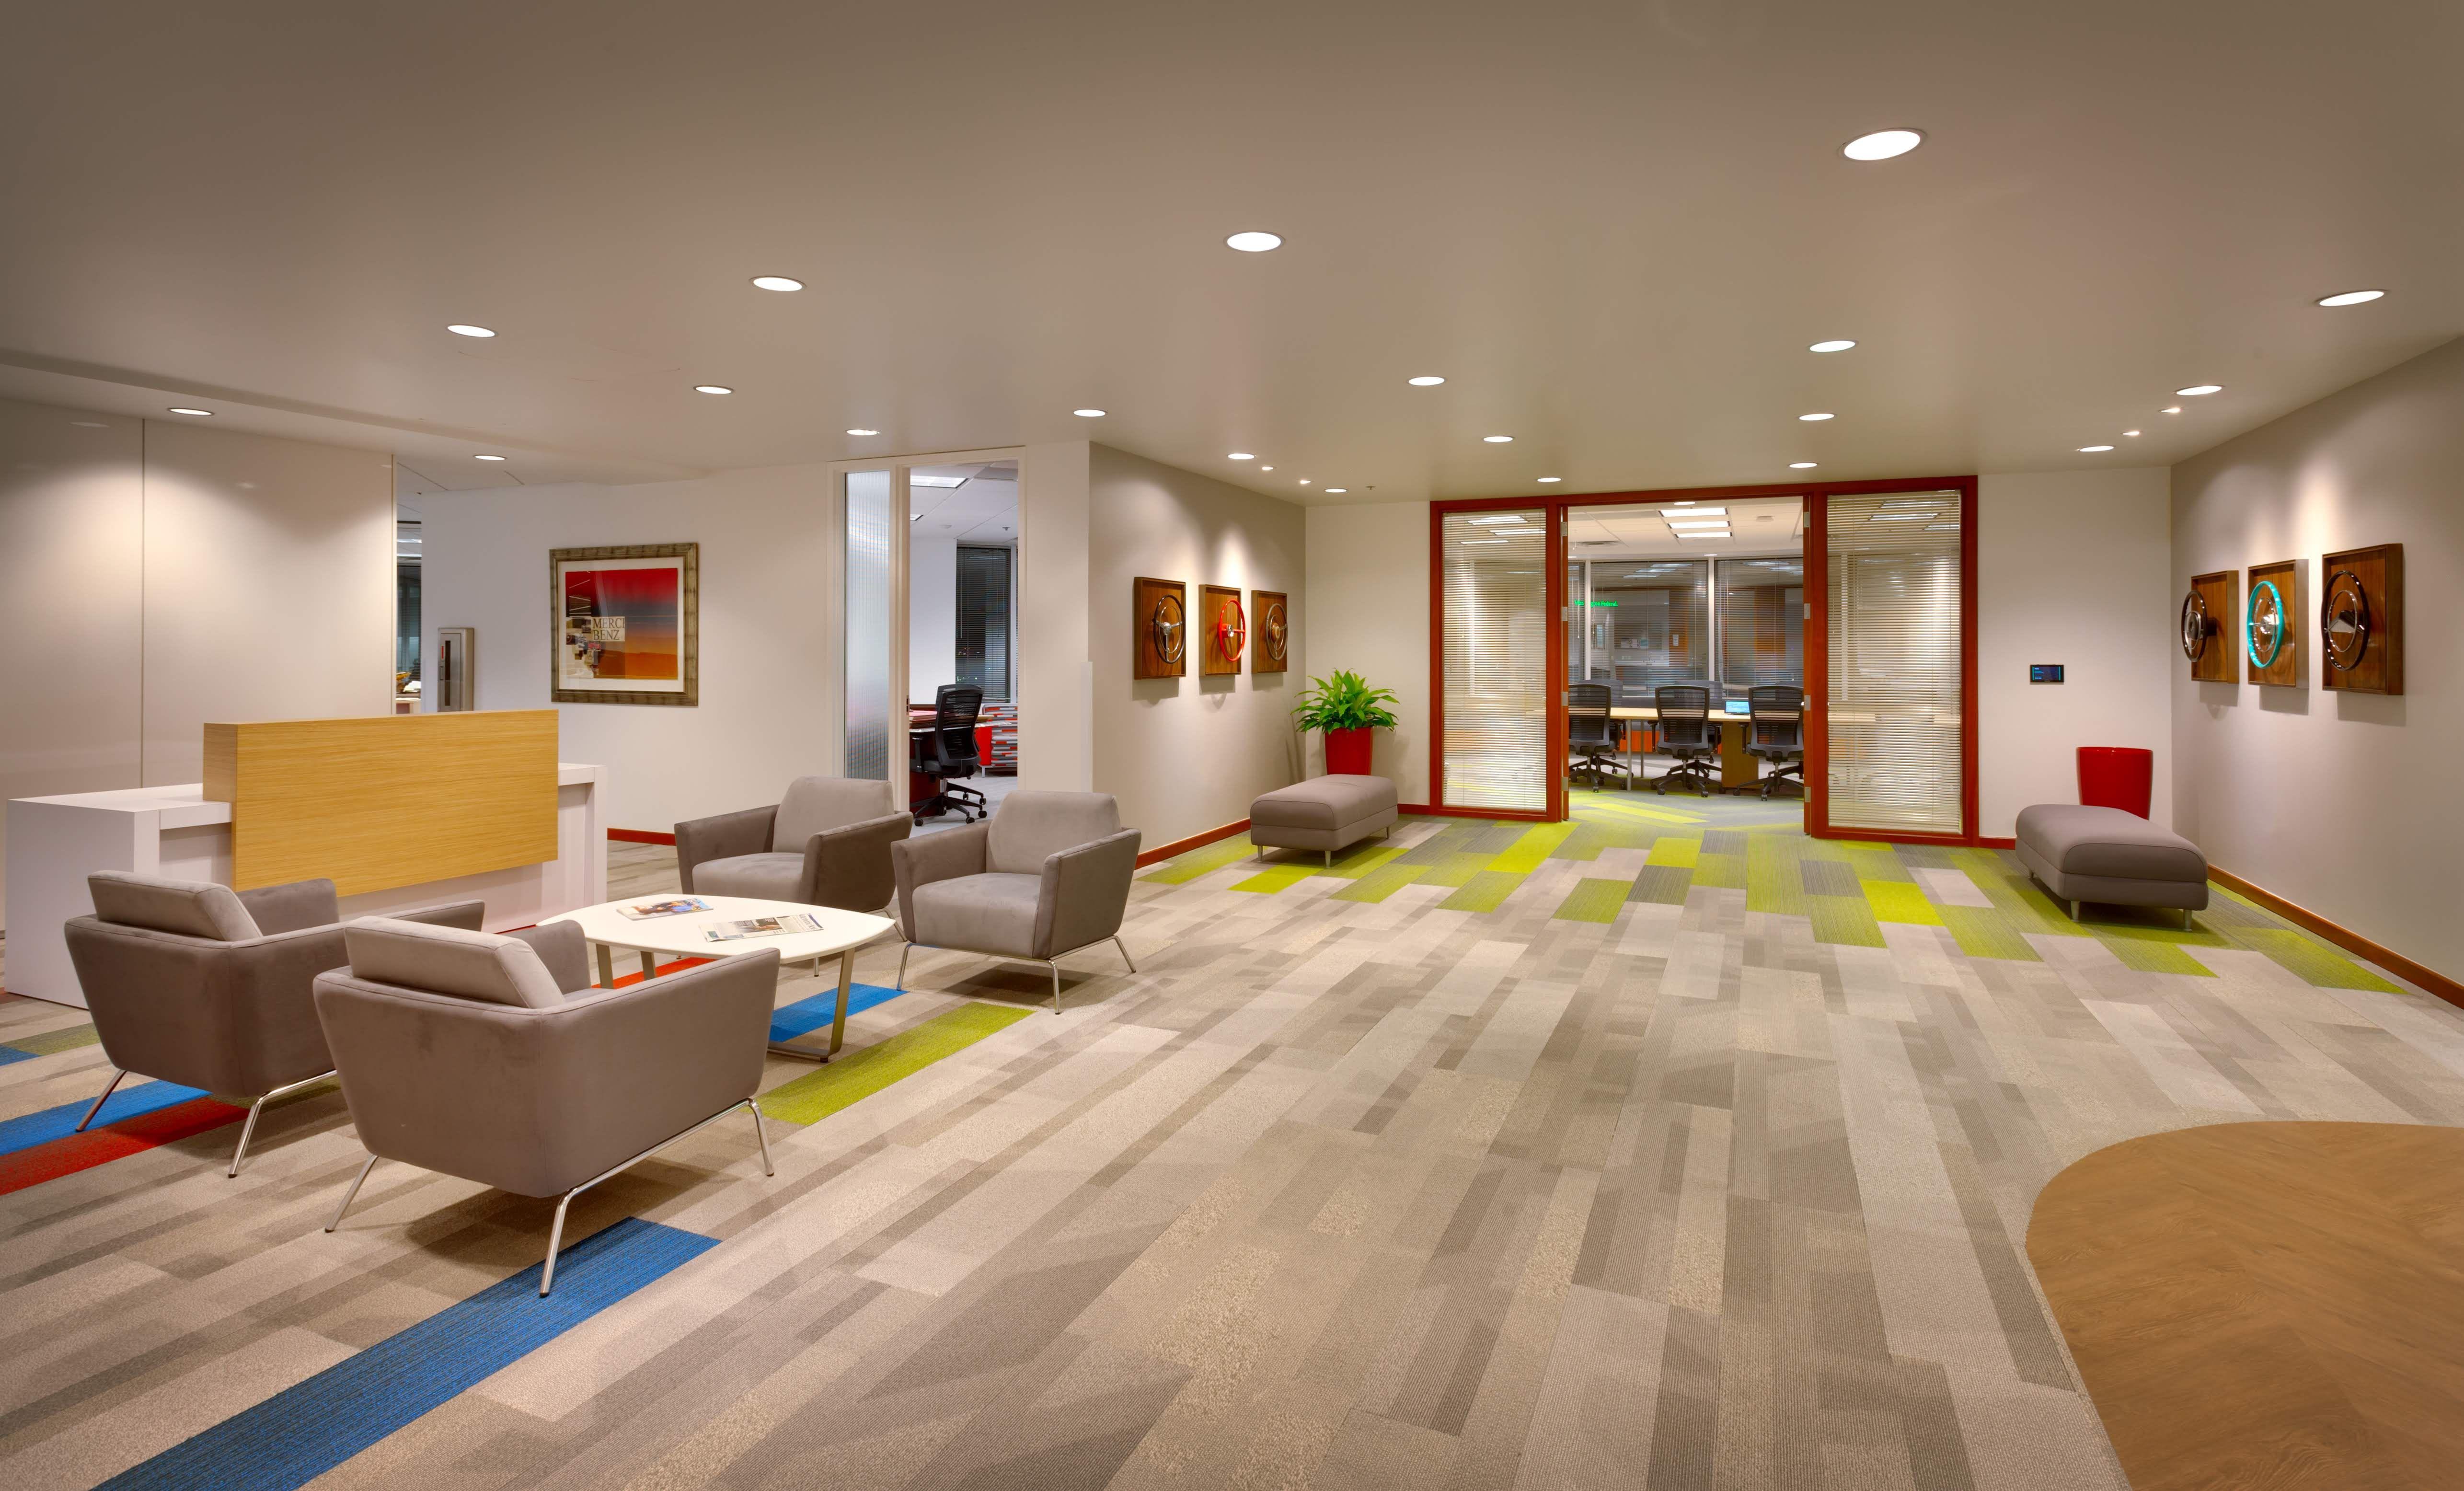 Award winning office space at ken garff headquarters in salt lake